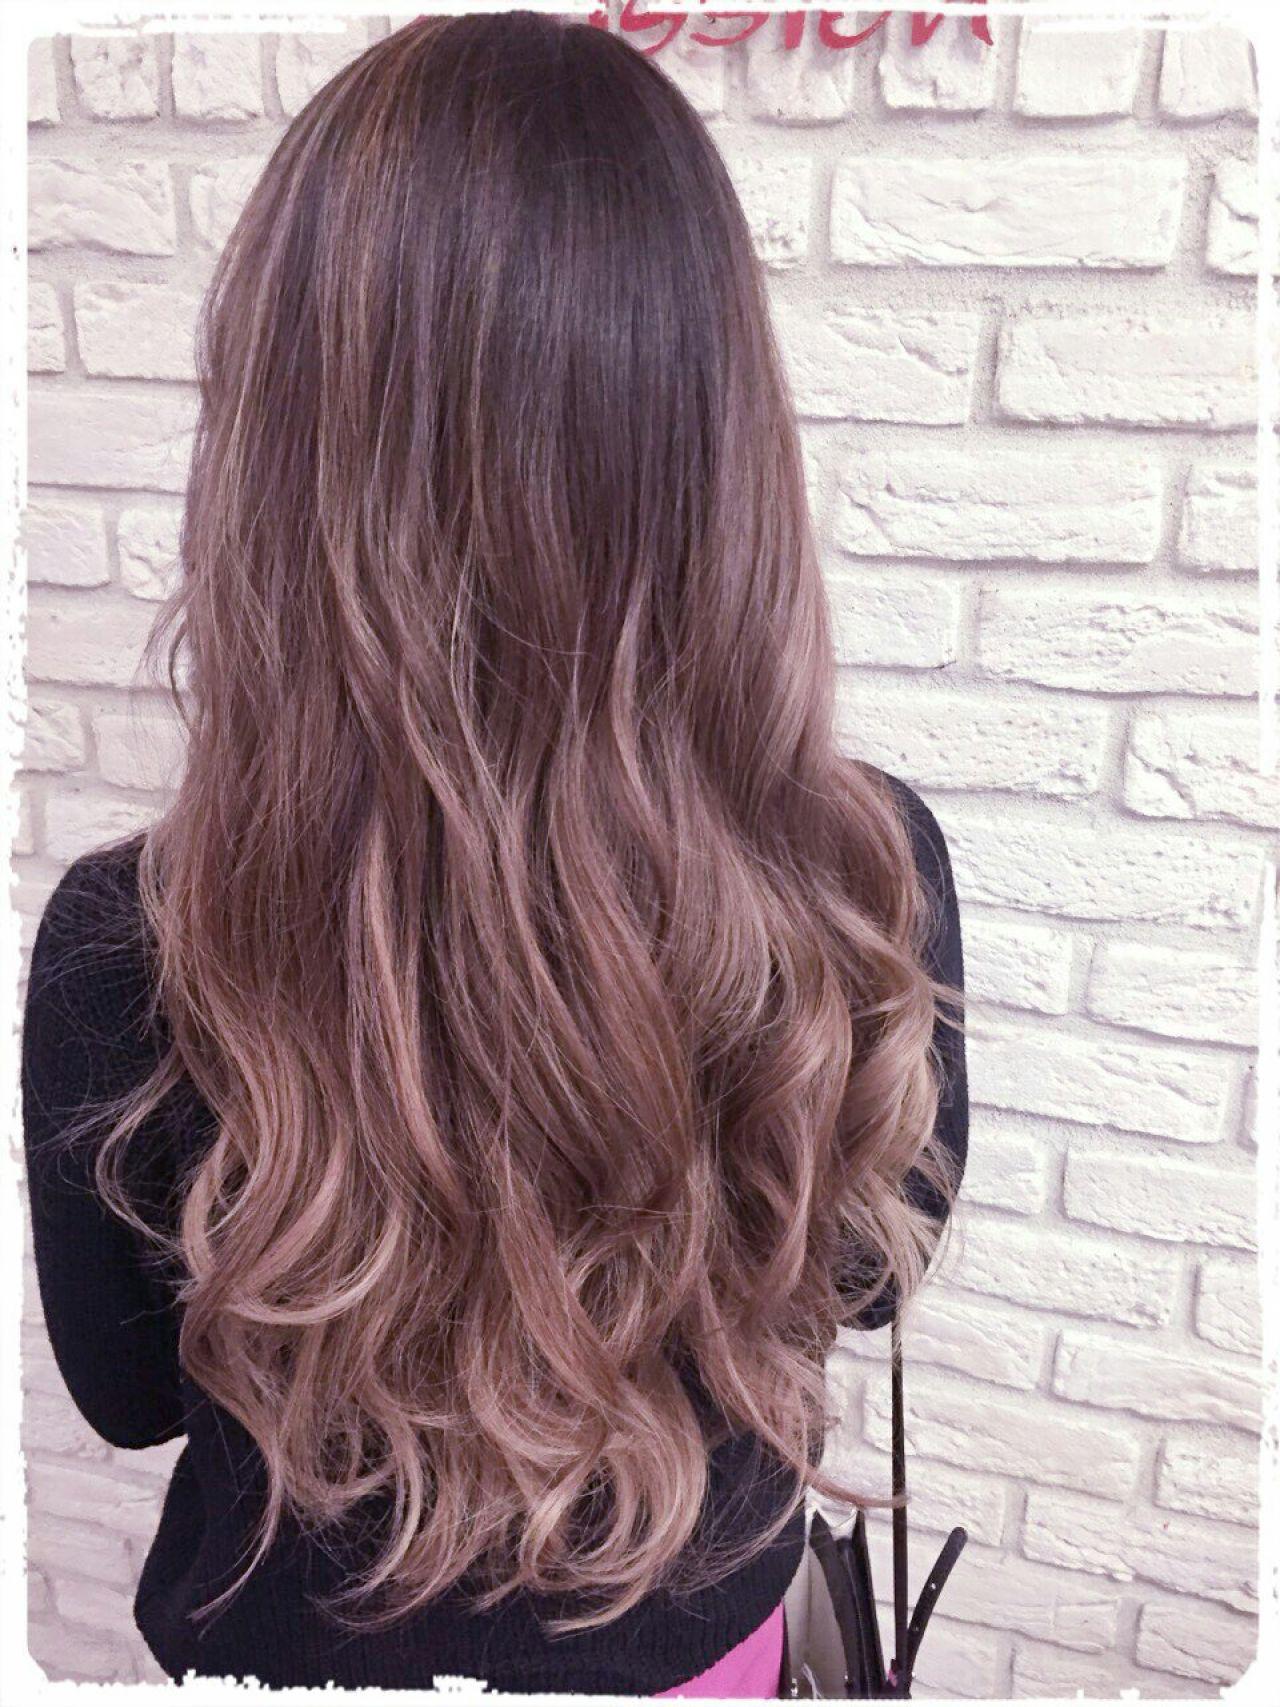 大注目の暗髪×グラデーションまとめ♡ポイントは毛先とハイライト 渡海 典子